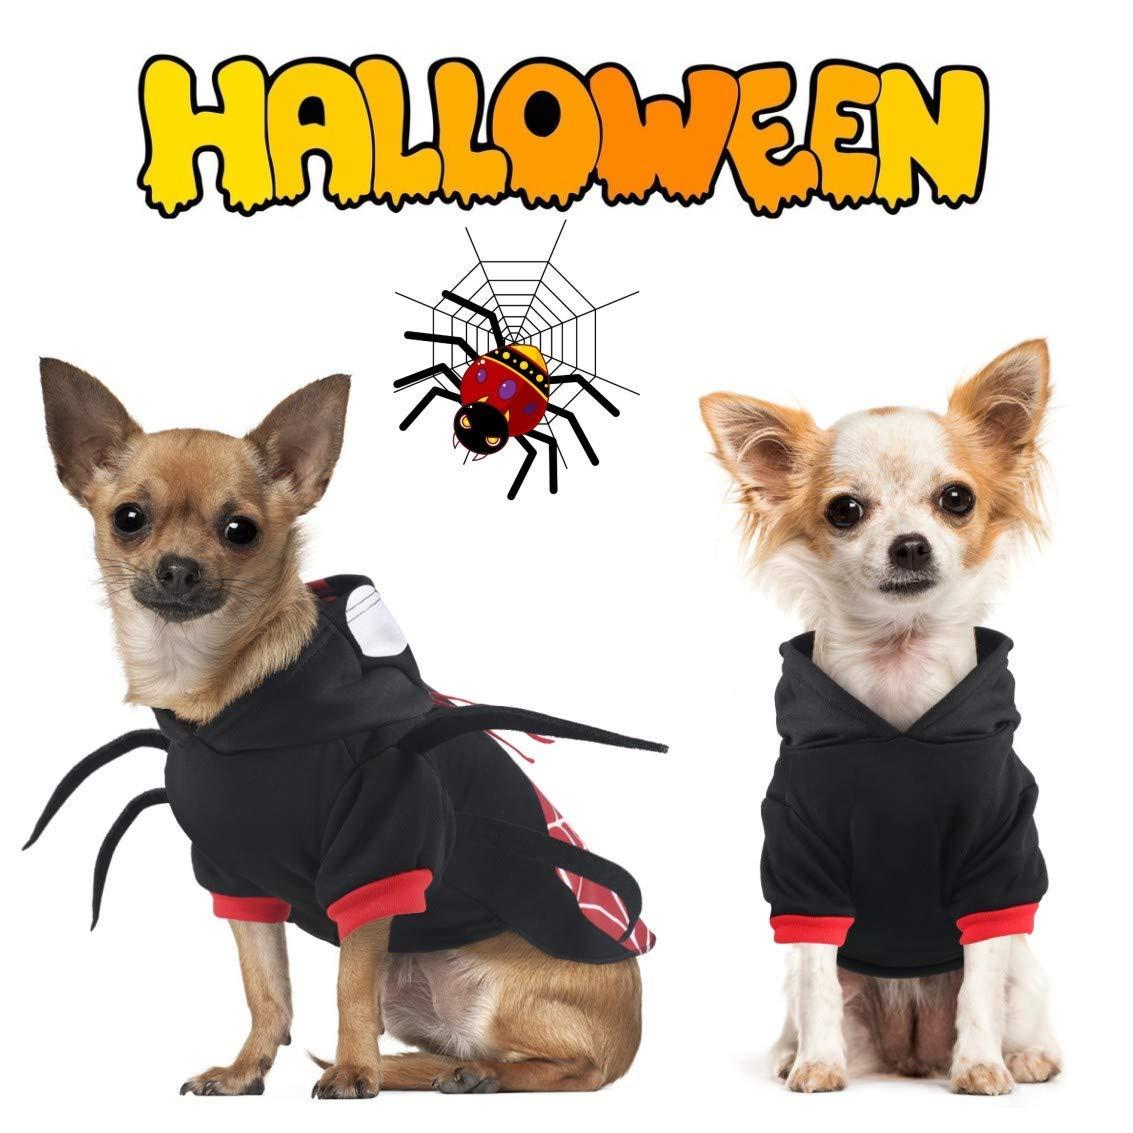 Amazon.com : LDEDL Halloween Pet Costume, Creative Spider ...